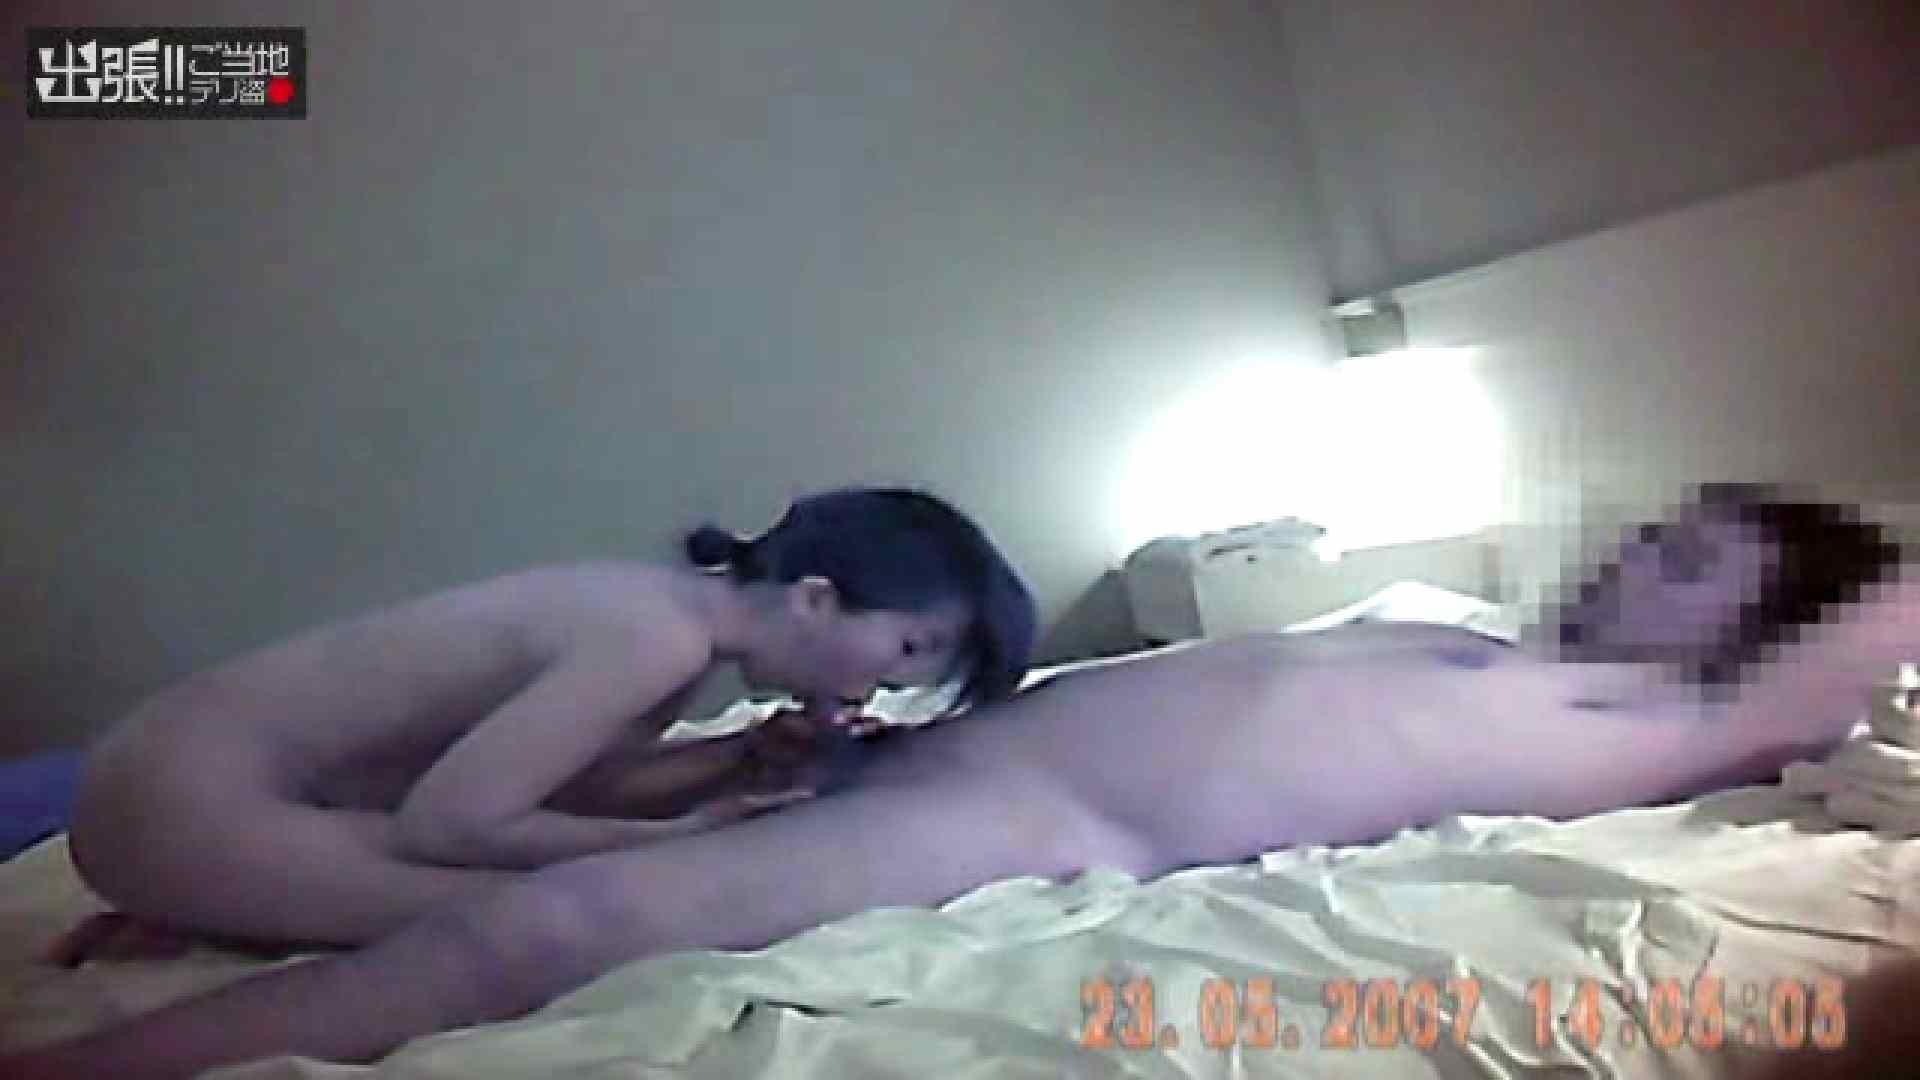 出張リーマンのデリ嬢隠し撮り第3弾vol.4 OLの裸事情 セックス画像 75枚 50